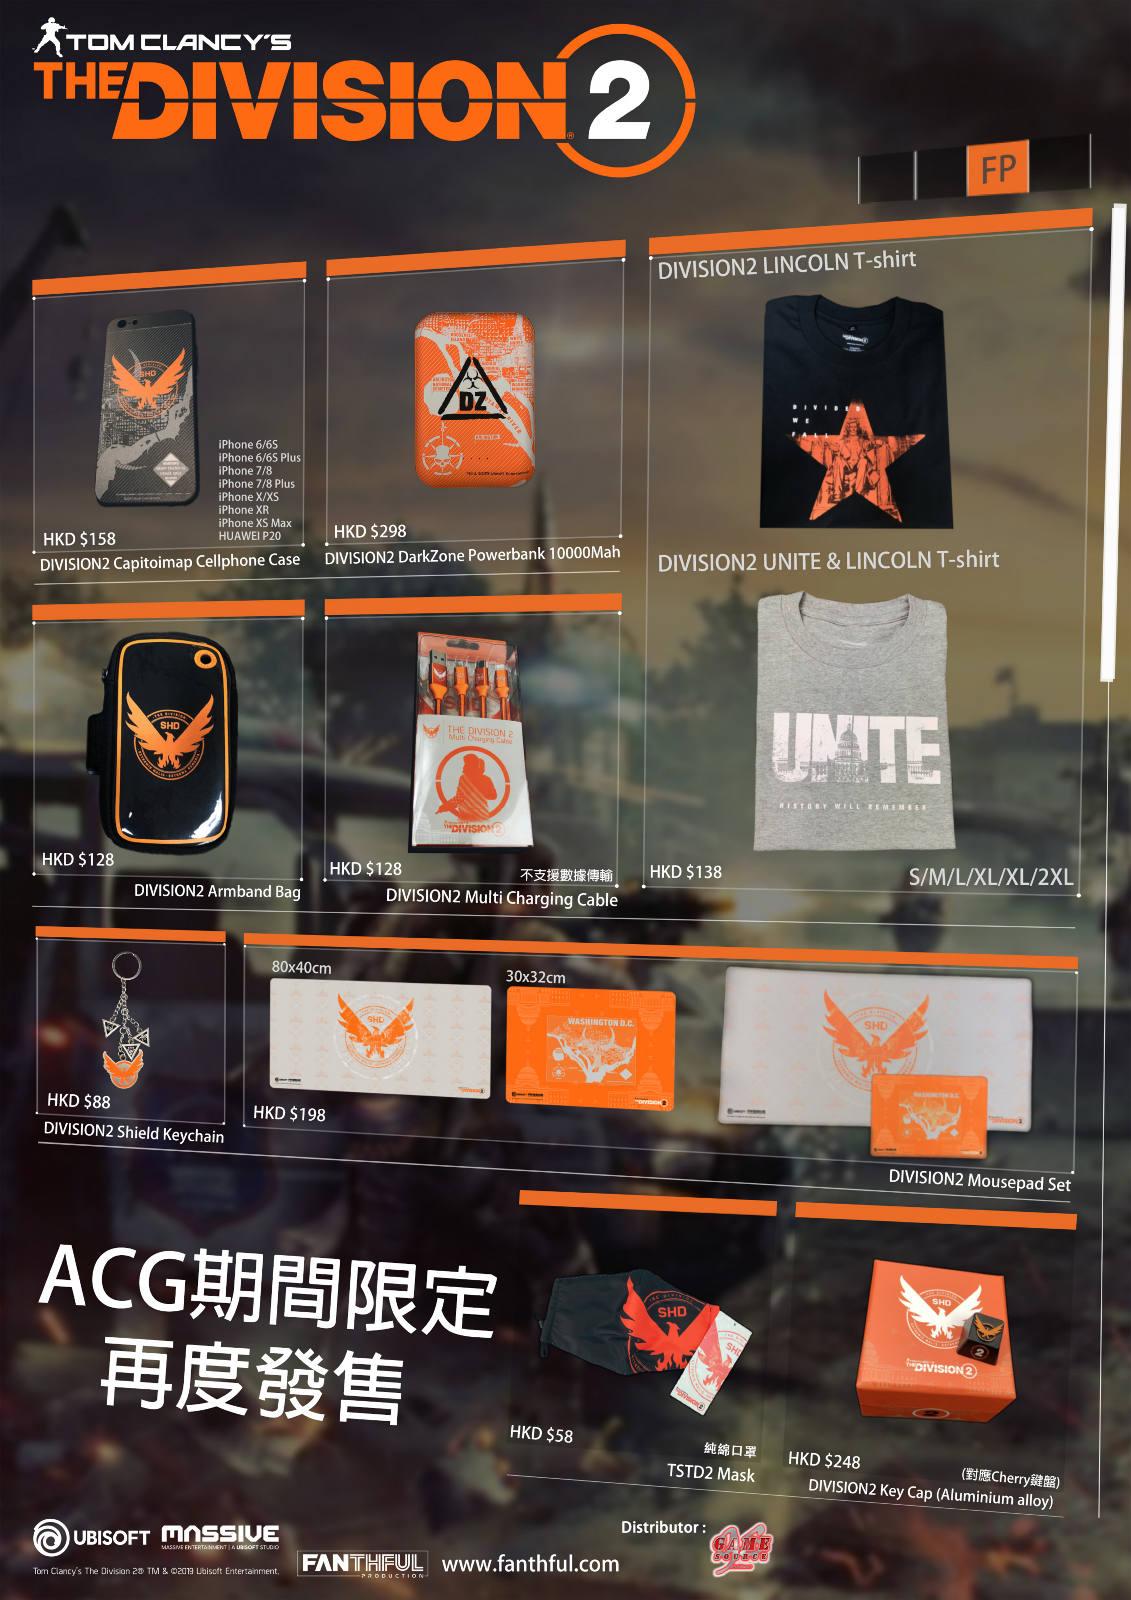 香港GSE将携大量游戏周边产品参展ACGHK